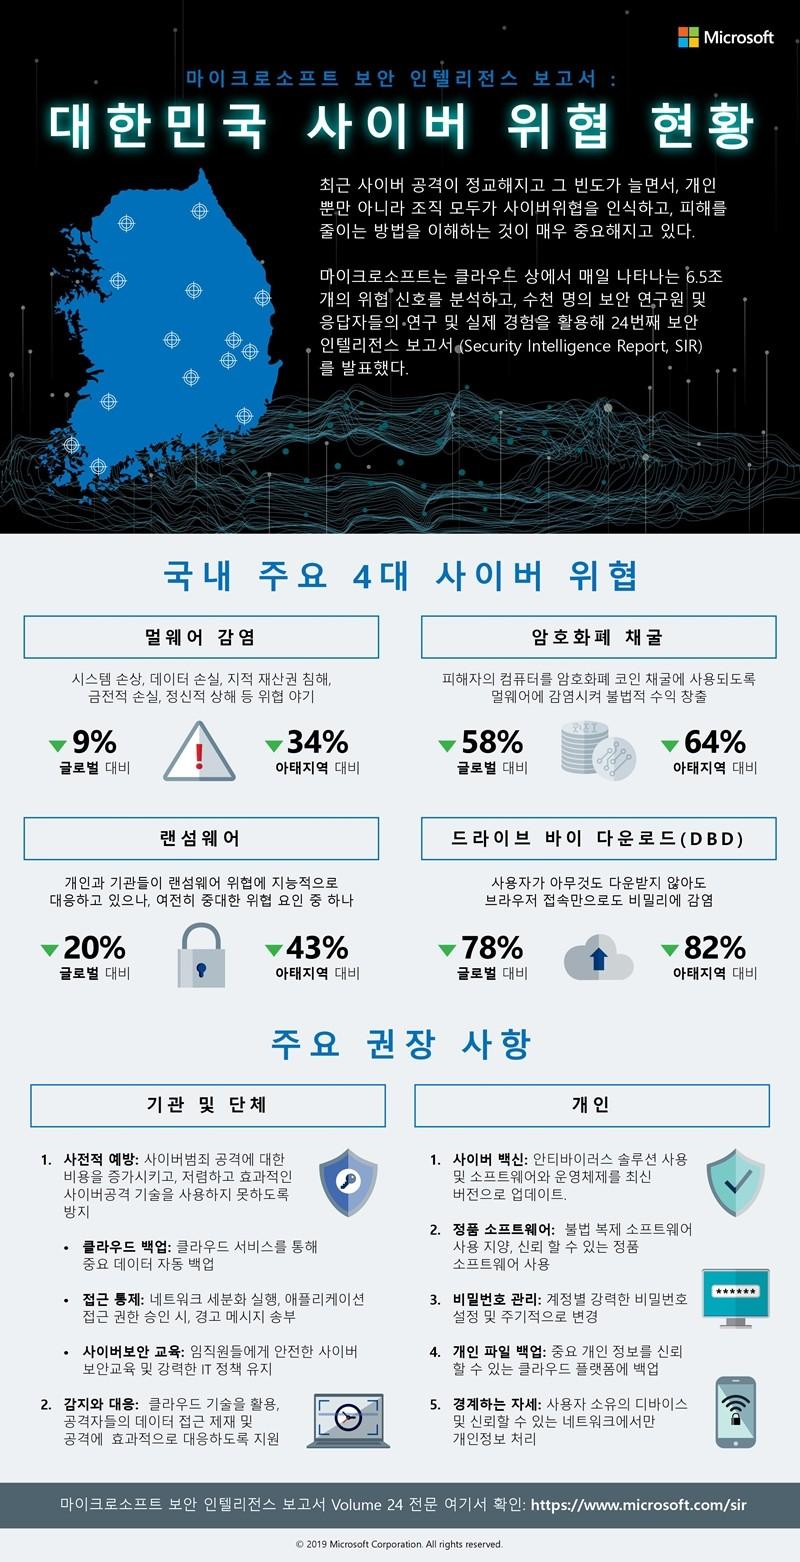 마이크로소프트 보안 인텔리전스 보고서, 자료제공=한국마이크로소프트